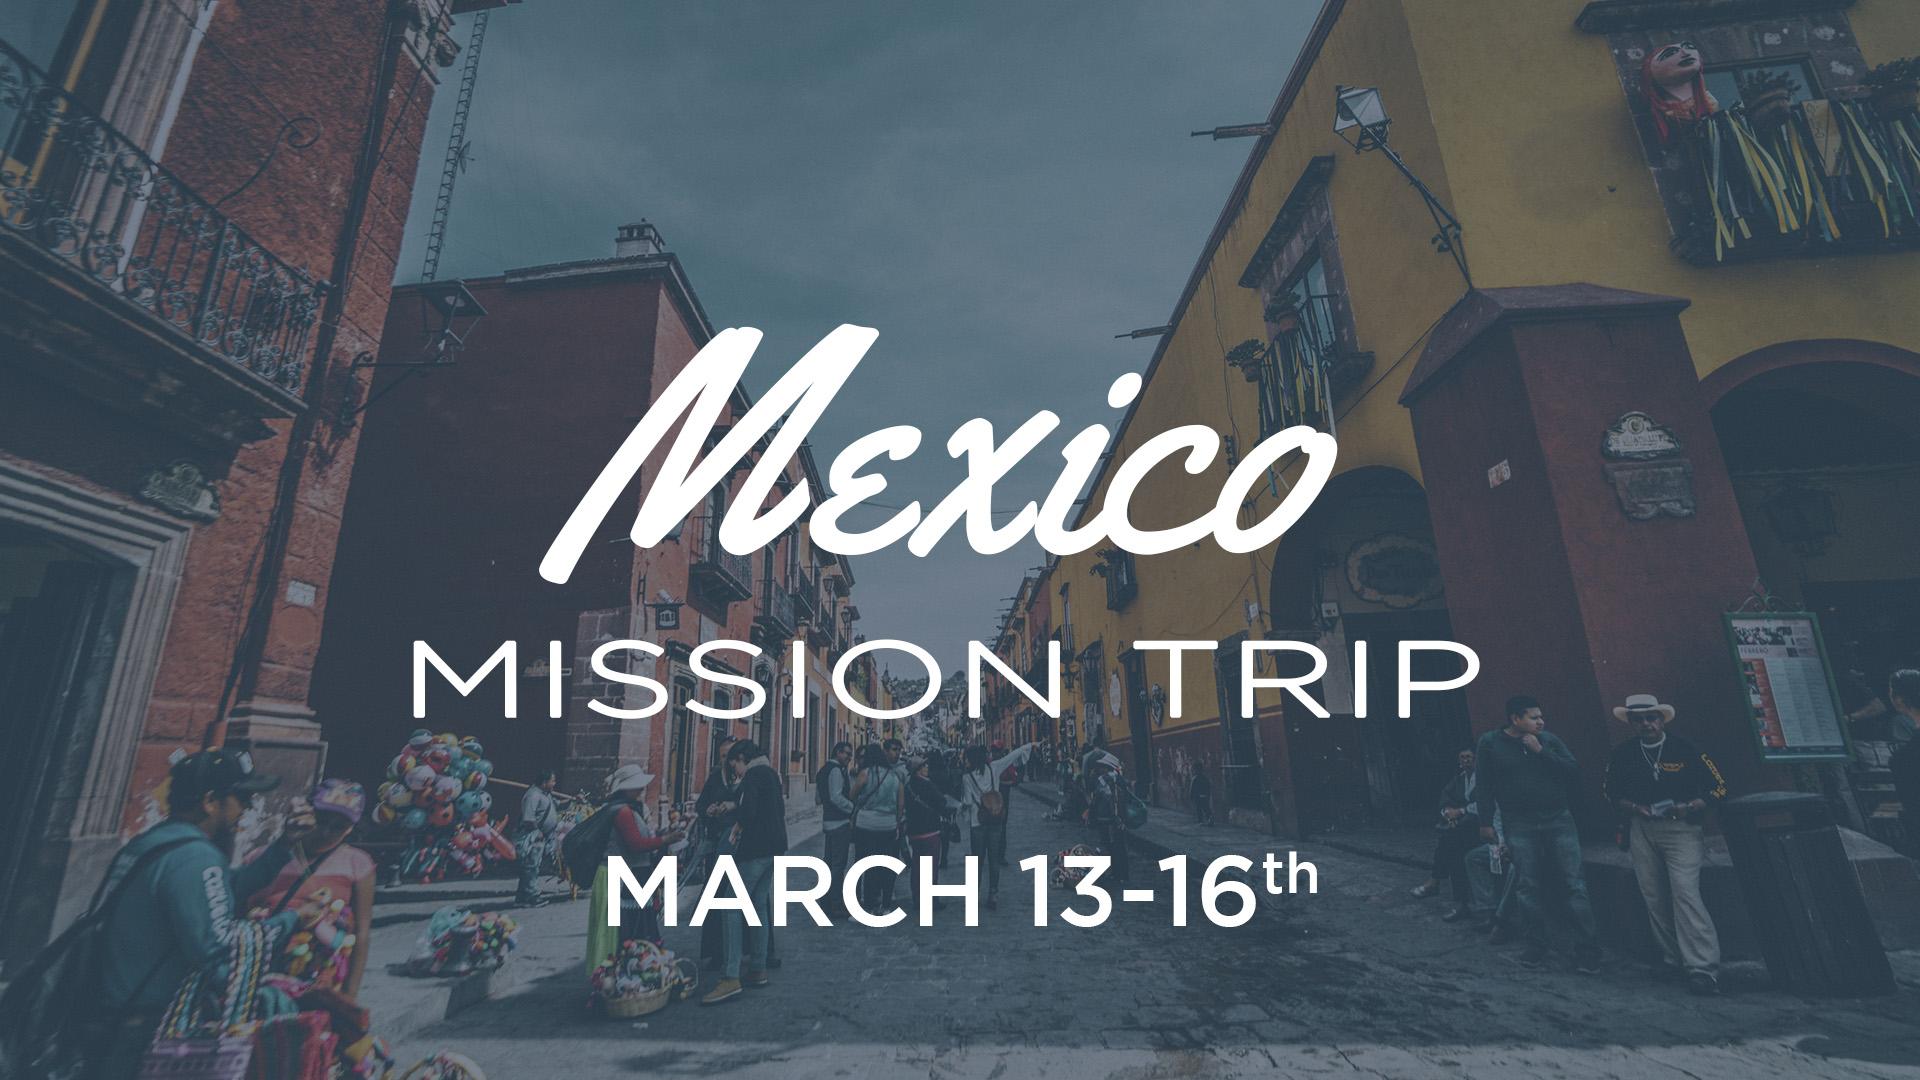 2019.03.16 - Mexico Mission Trip web.jpg